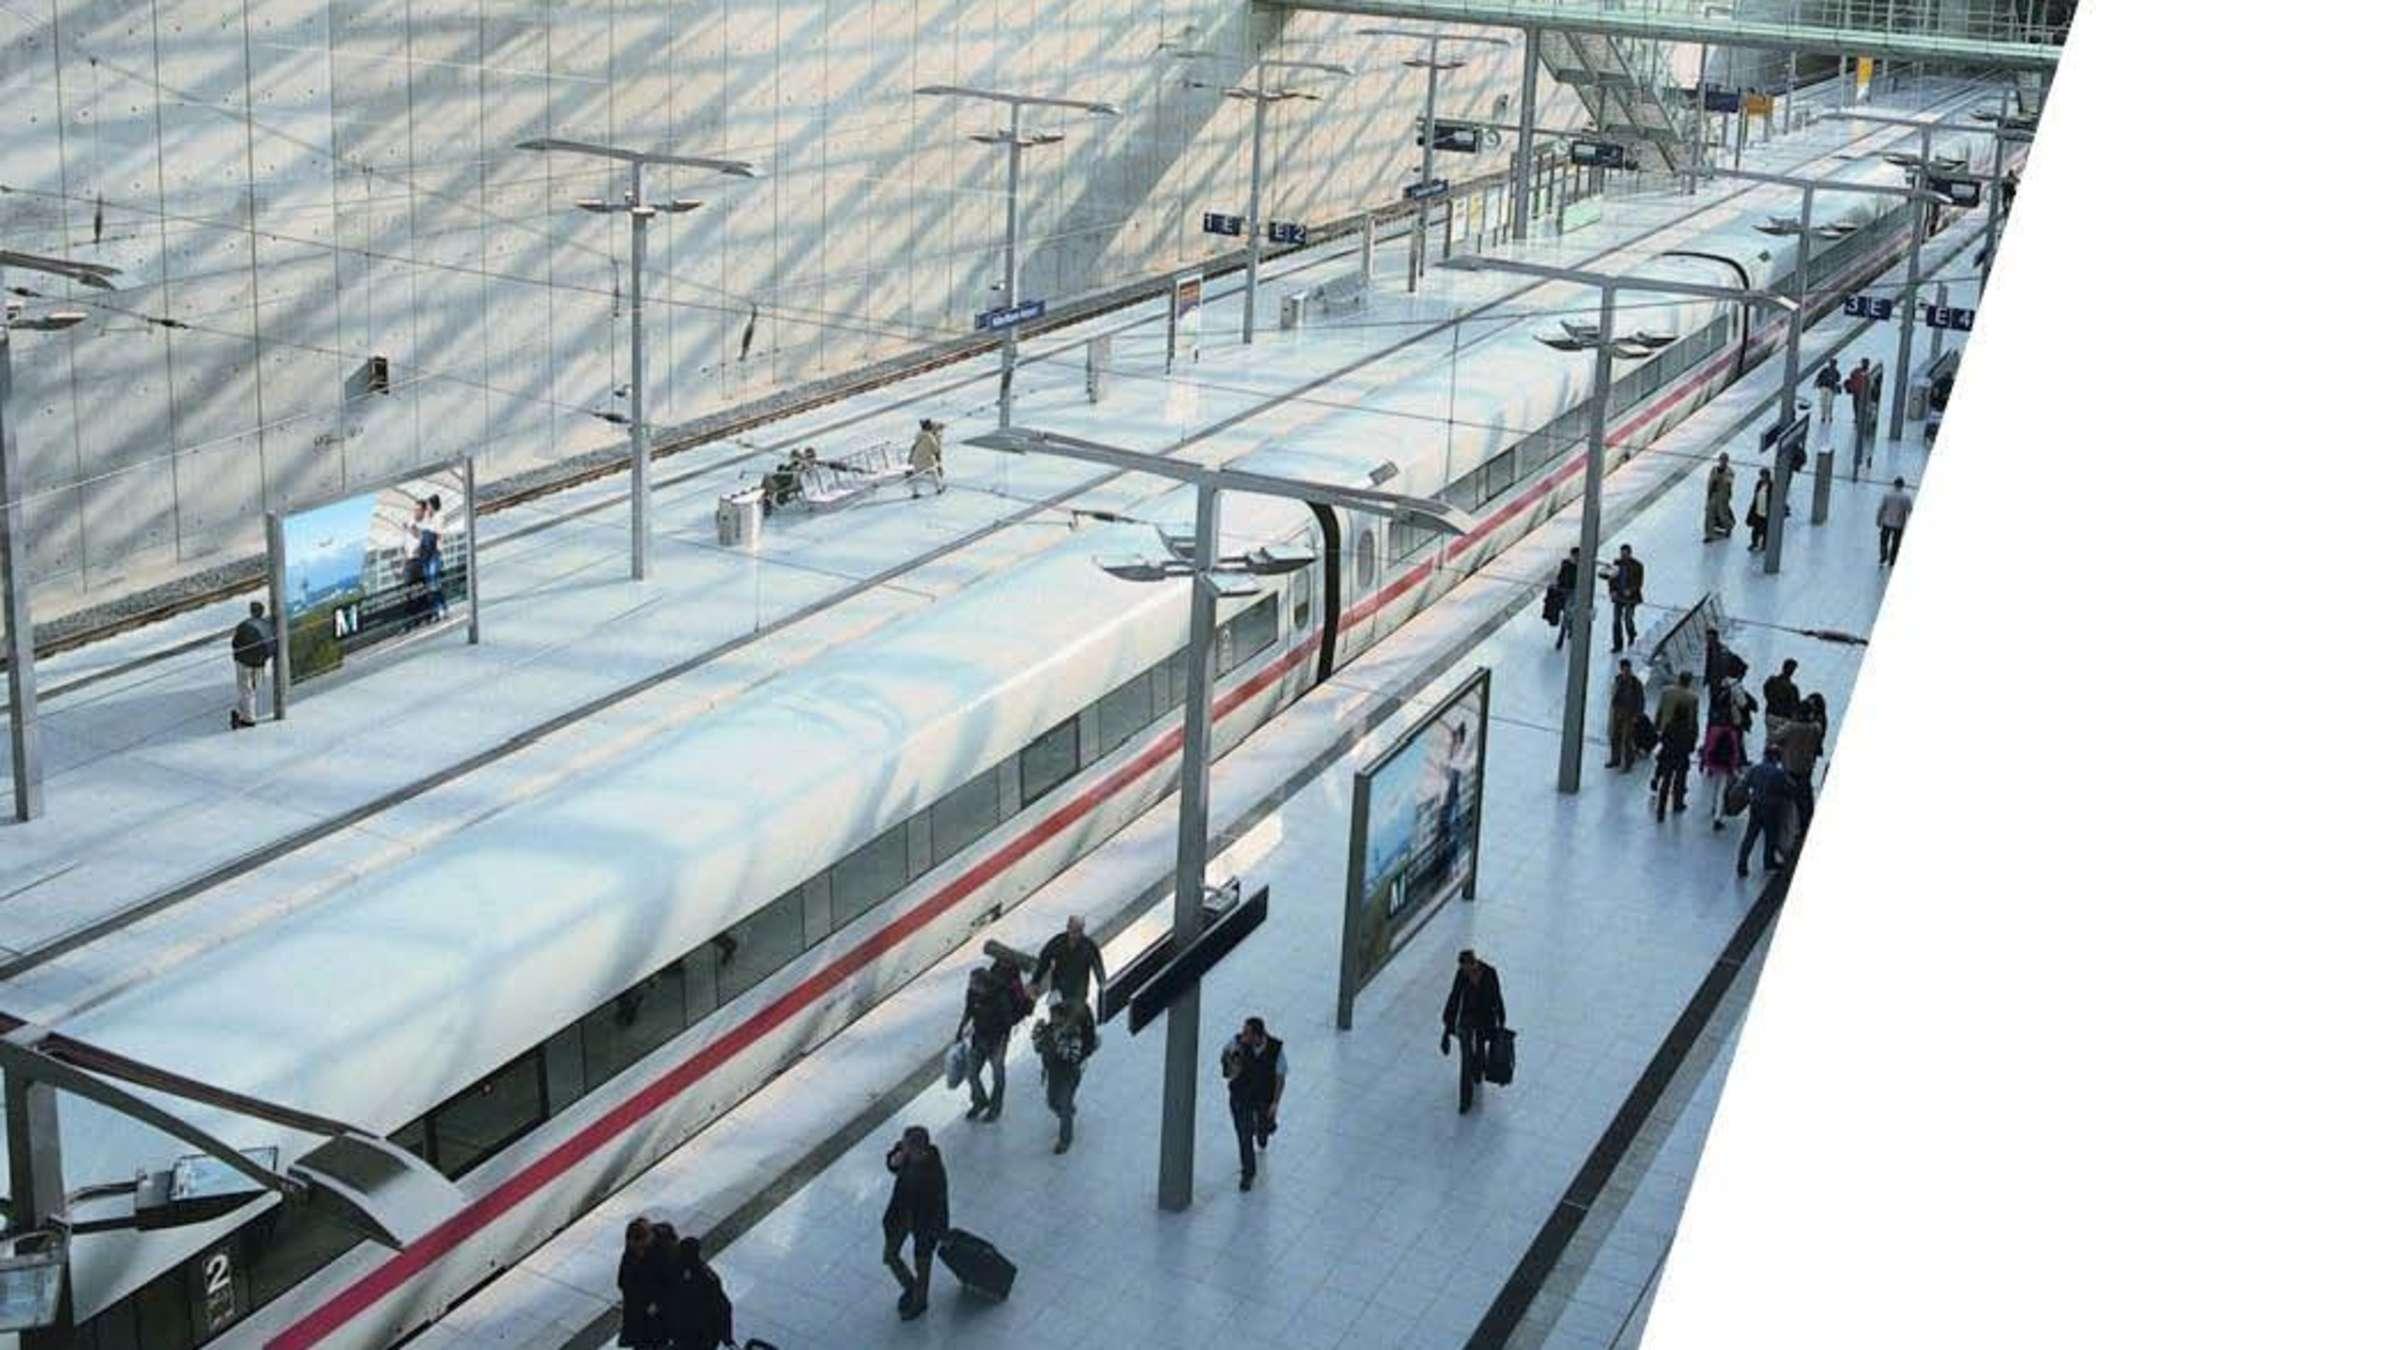 Flughafen München Ice Verbindung Geplant Das Ist Der